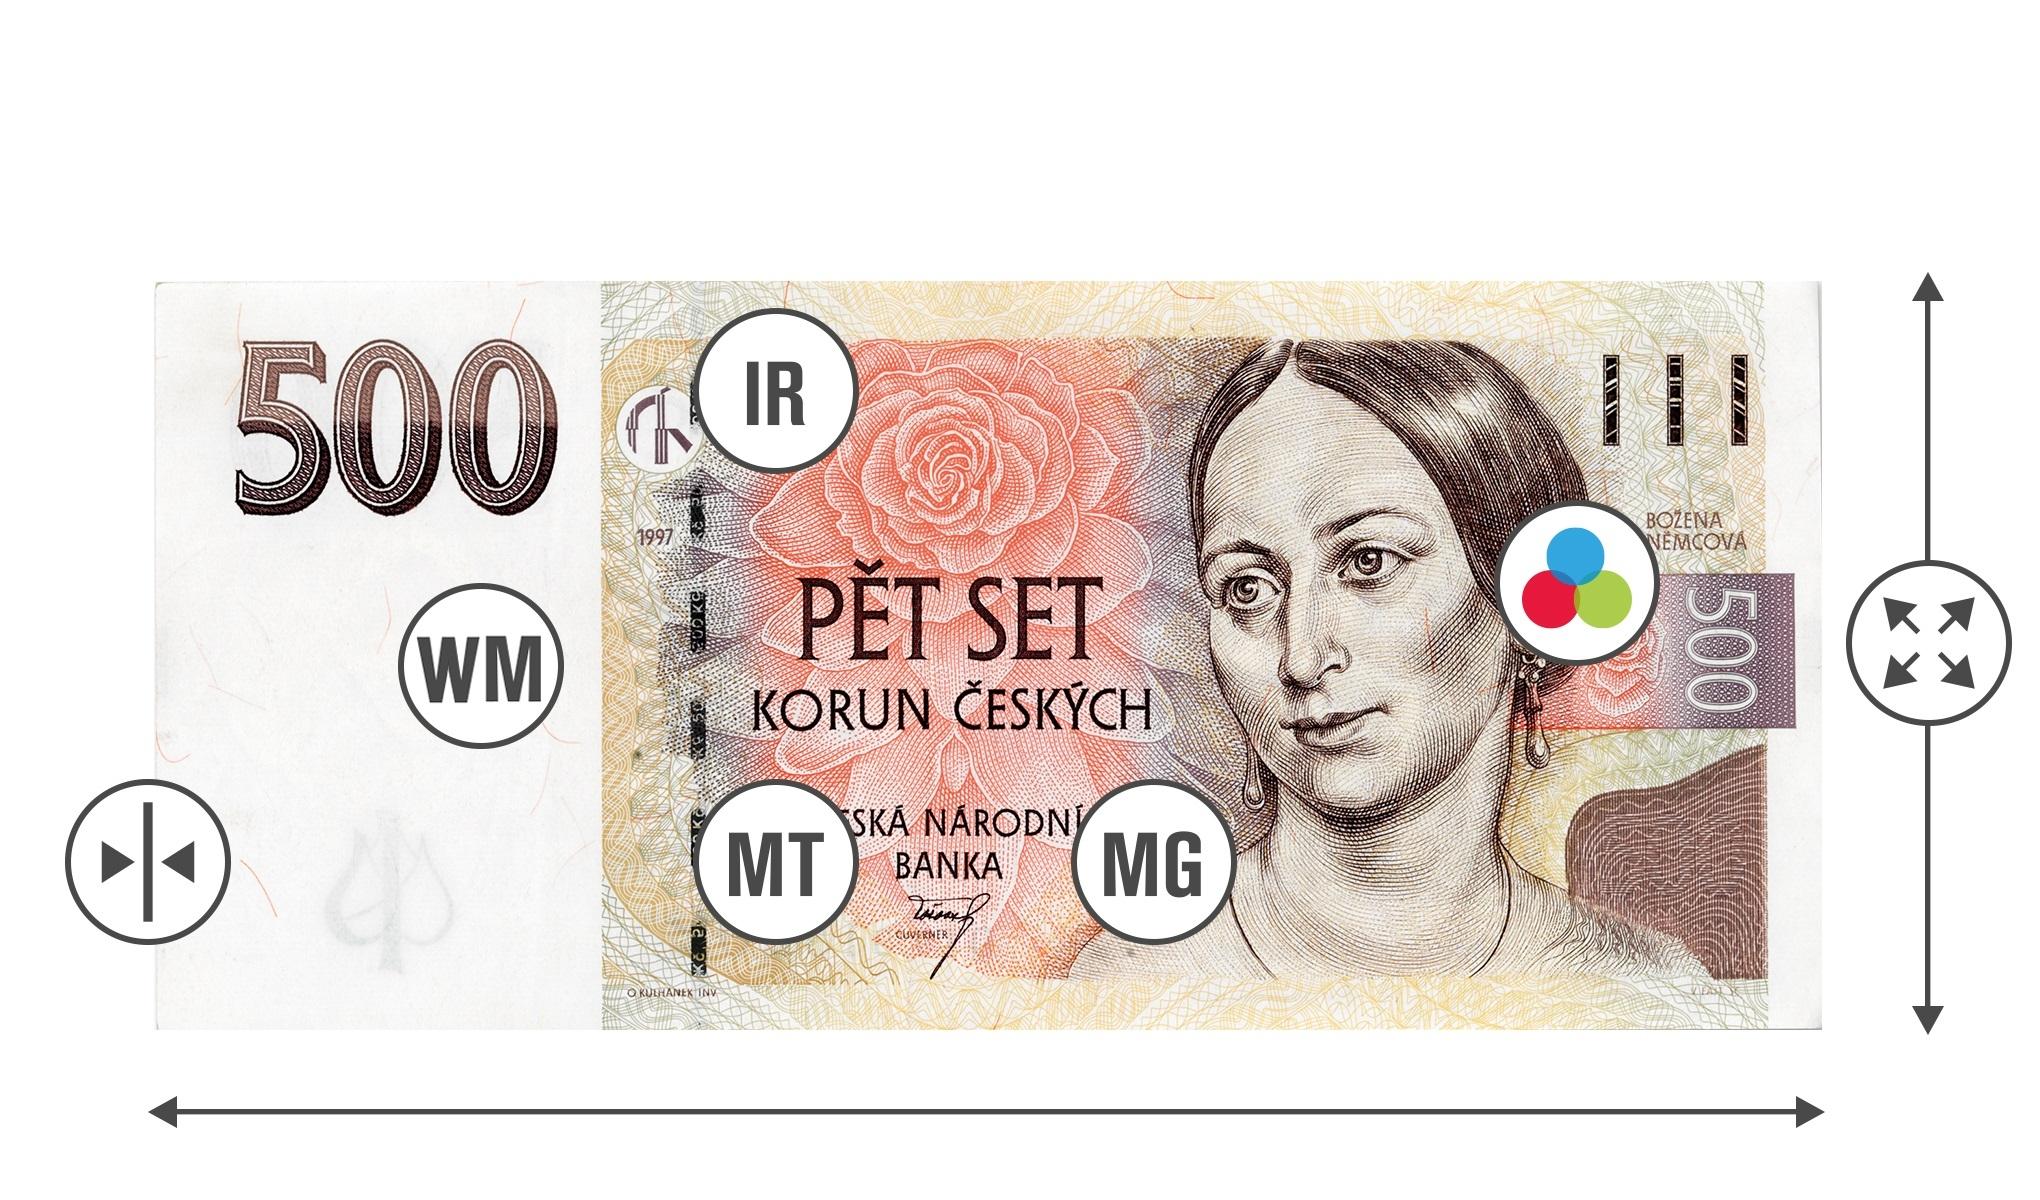 safescan-155i-cerna-bezpecnostni-prvky-bankovek